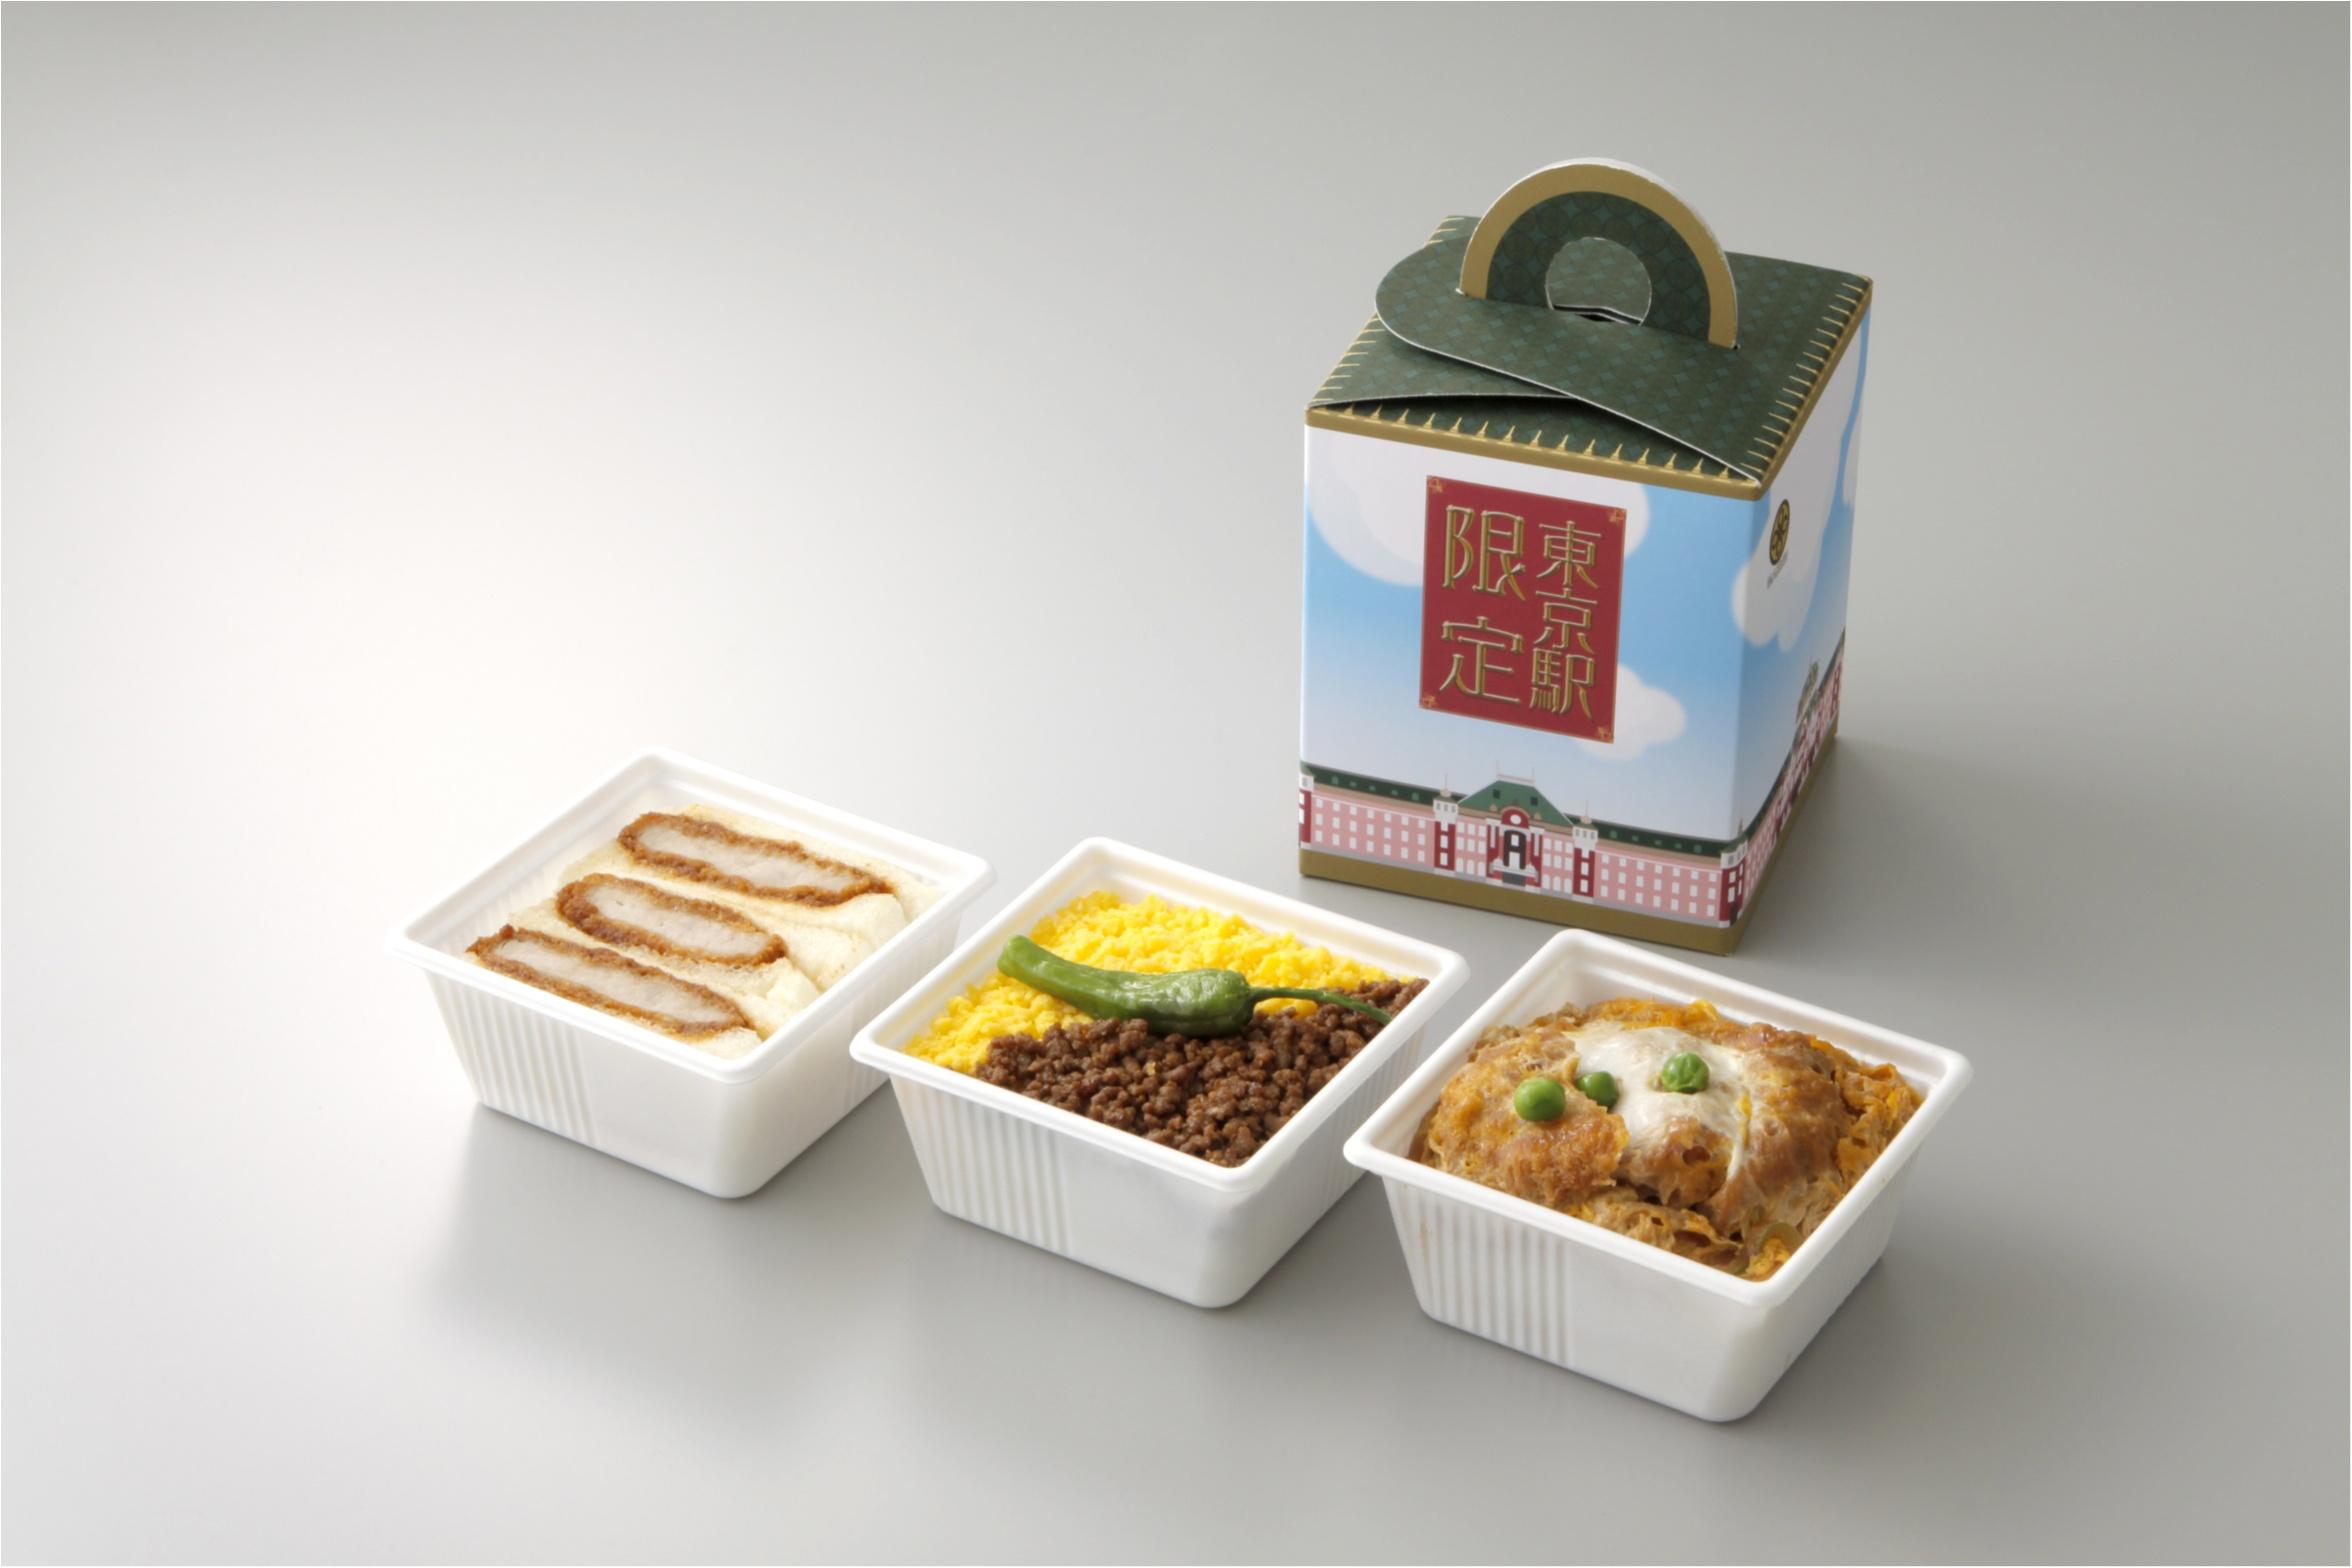 東京駅のお弁当でGW旅のスタートダッシュ♬  絶対食べたいオススメ7選!_1_5